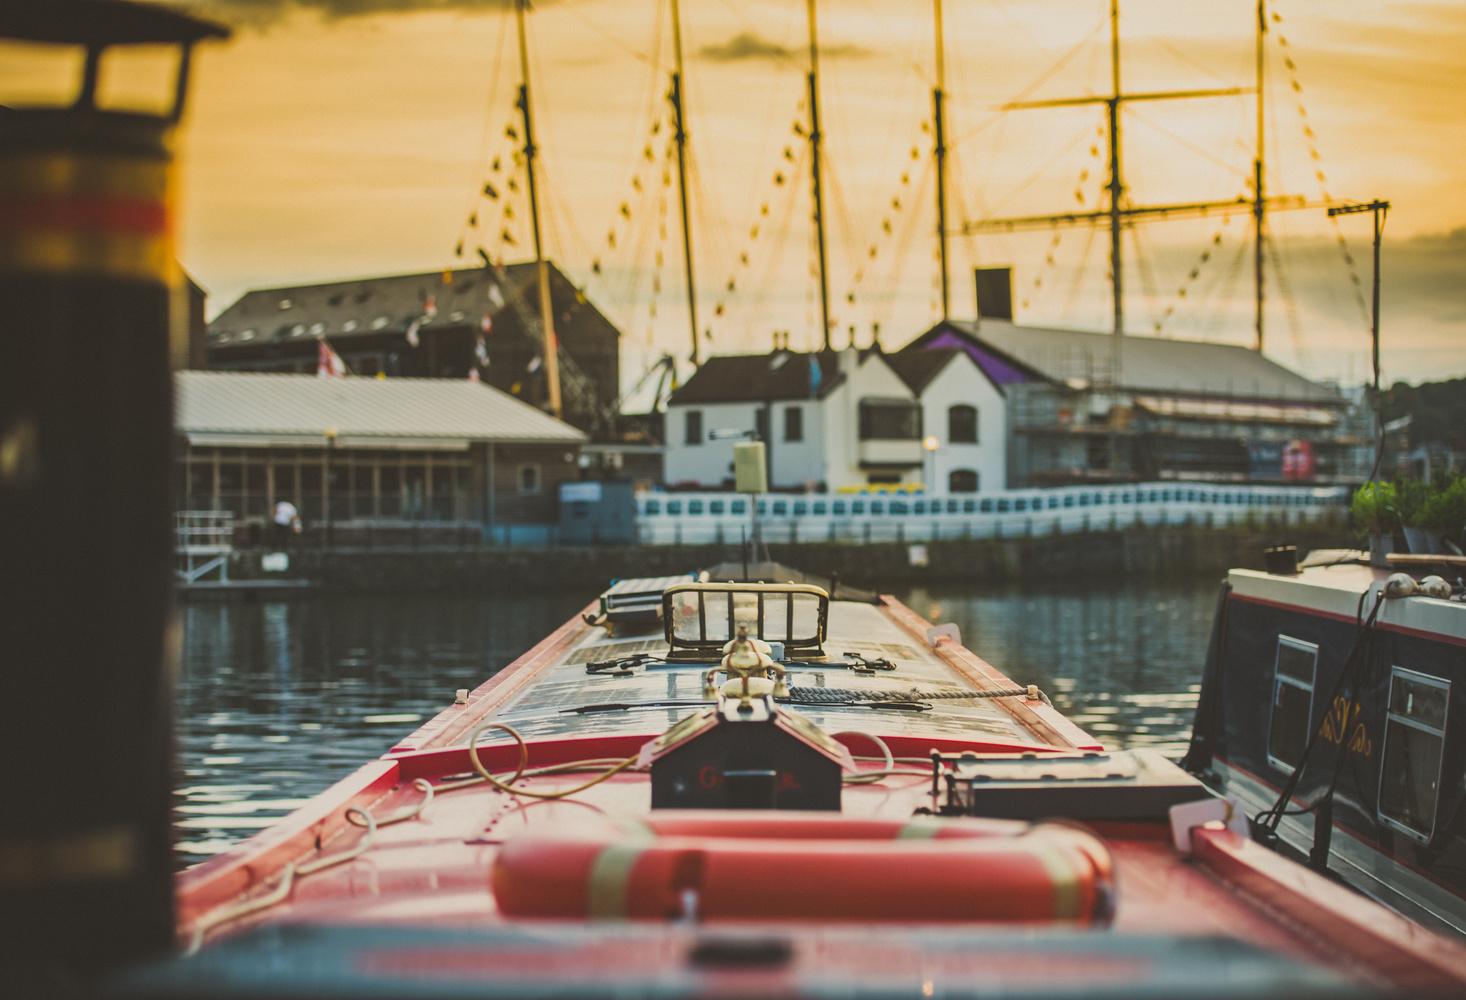 Sunset in Bristol by Britton Murrey